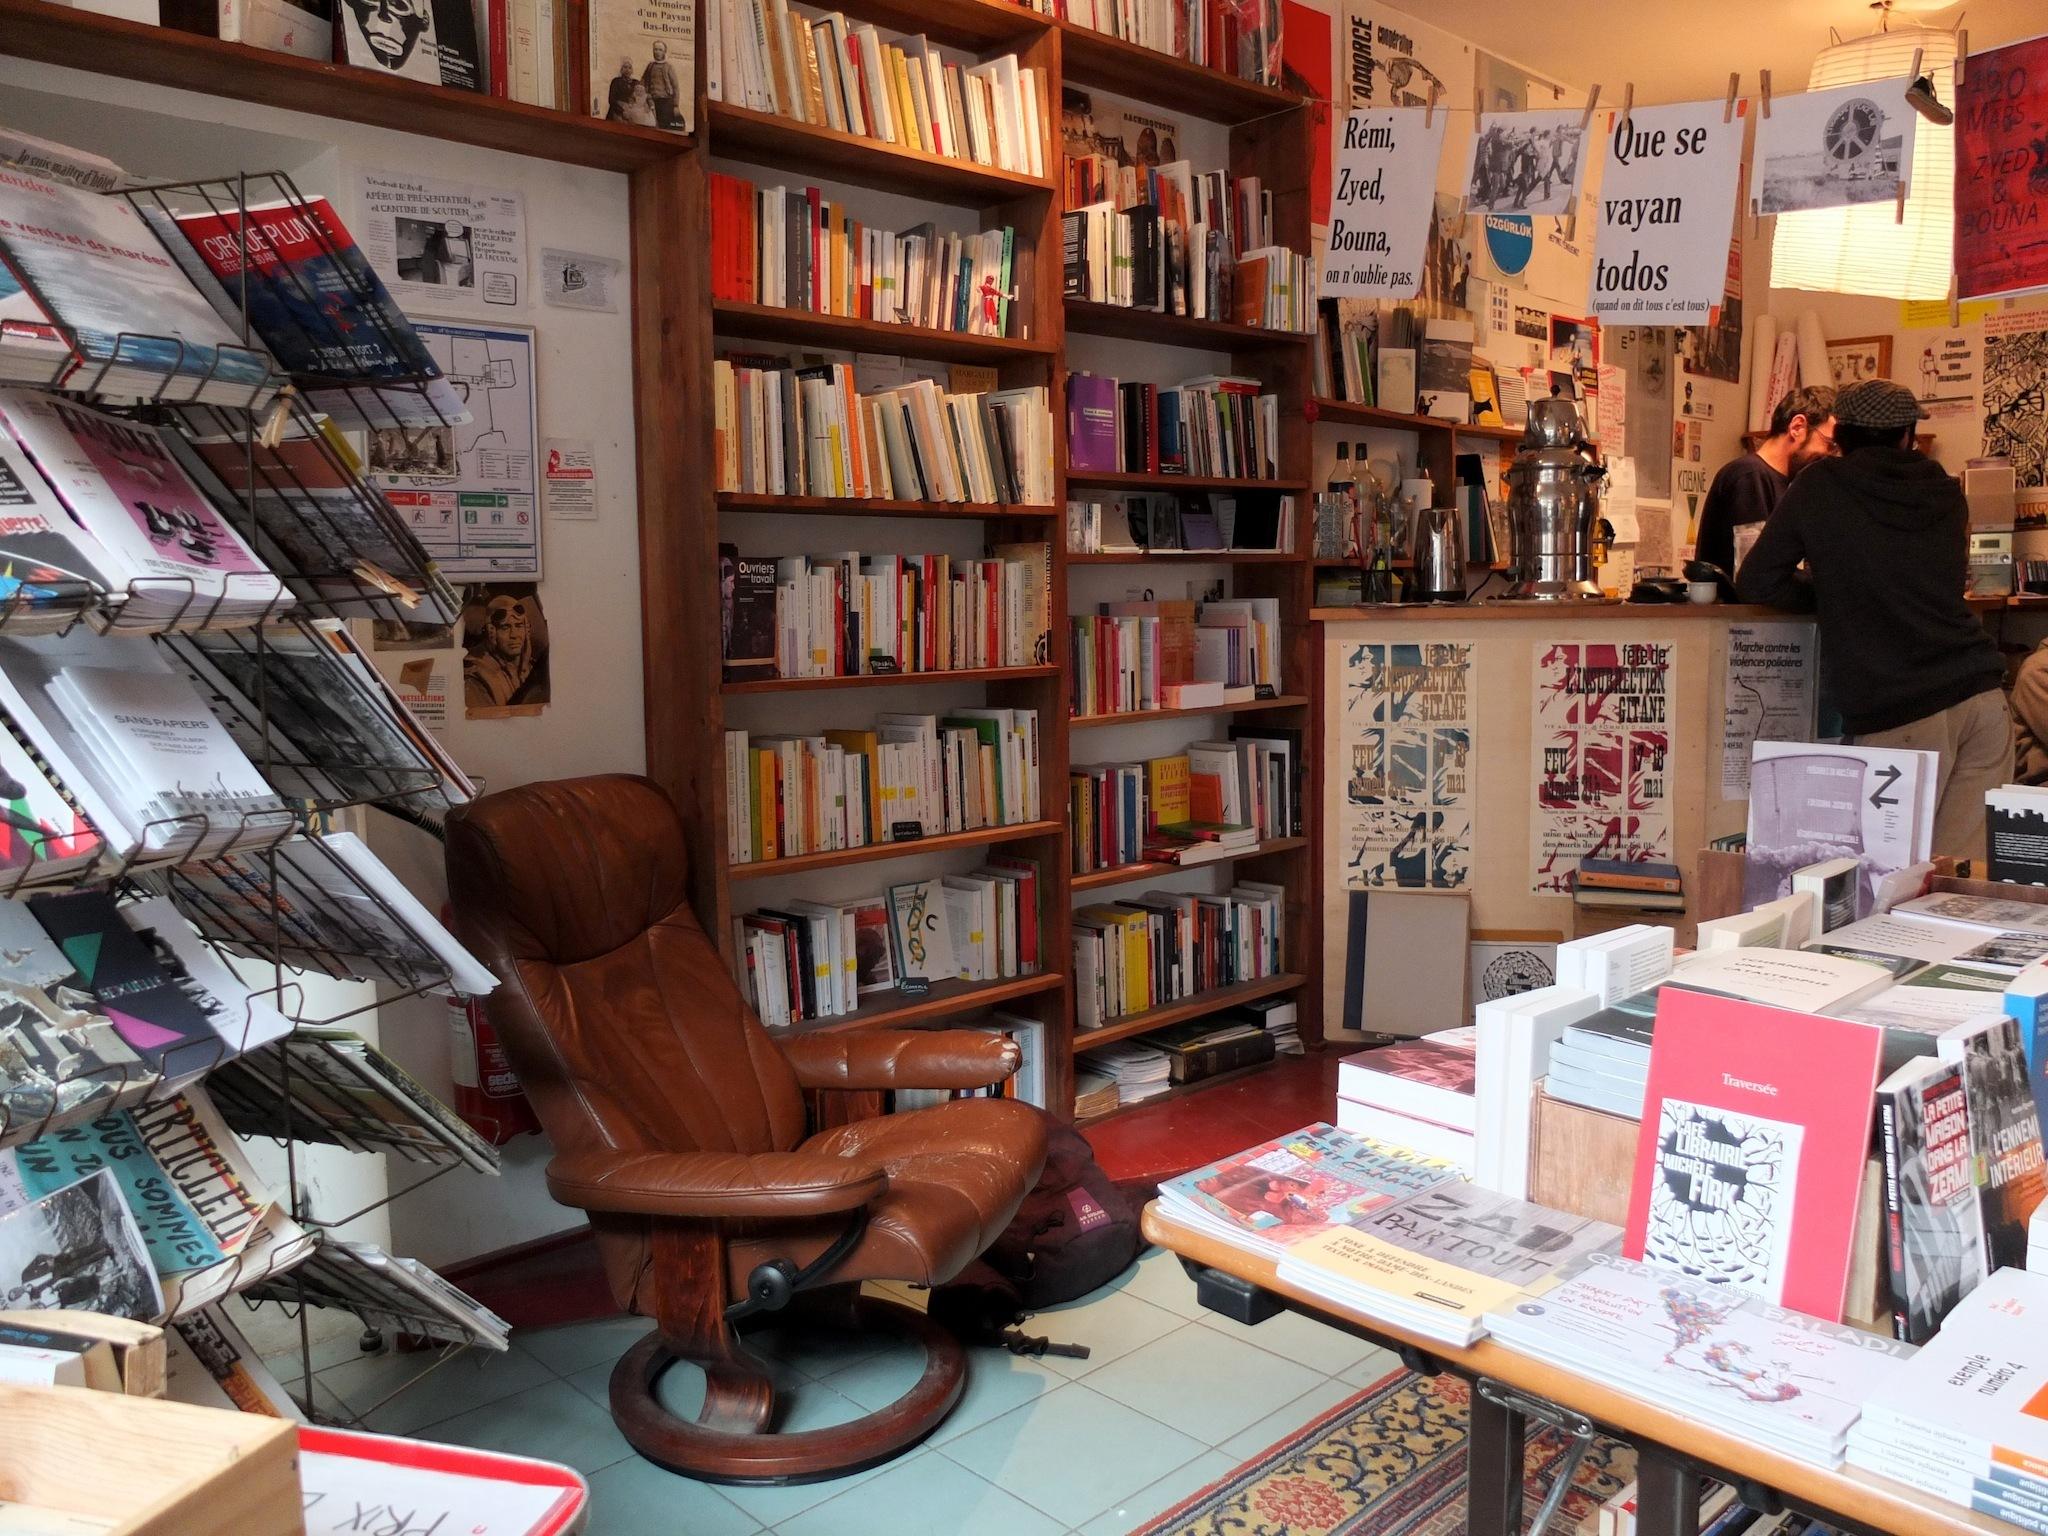 Traité de savoir-vivre à l'usage des jeunes générations • Café-librairie Michèle Firk